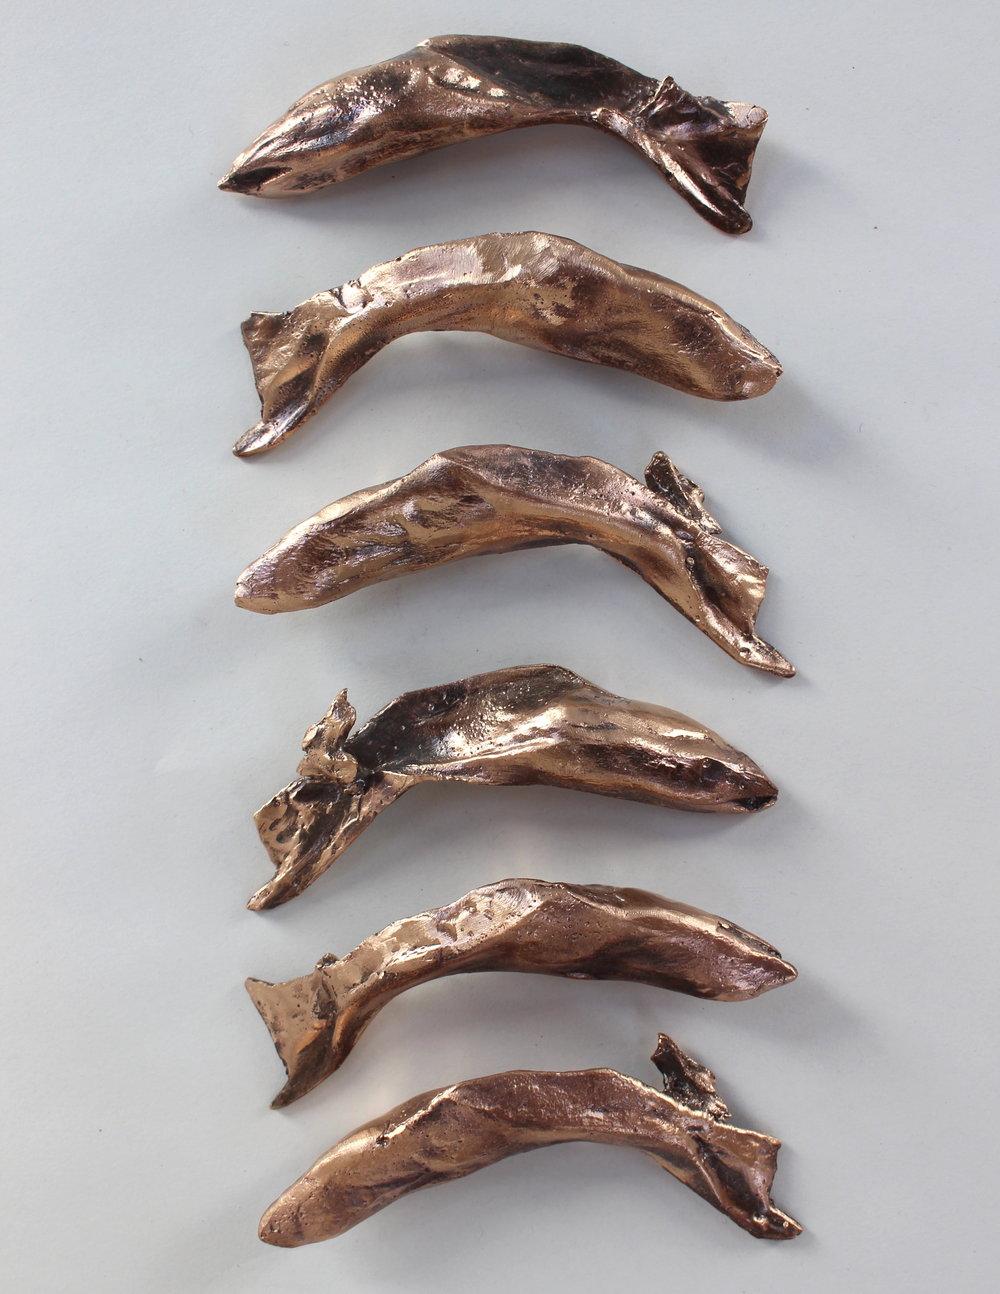 Haddock lug bones